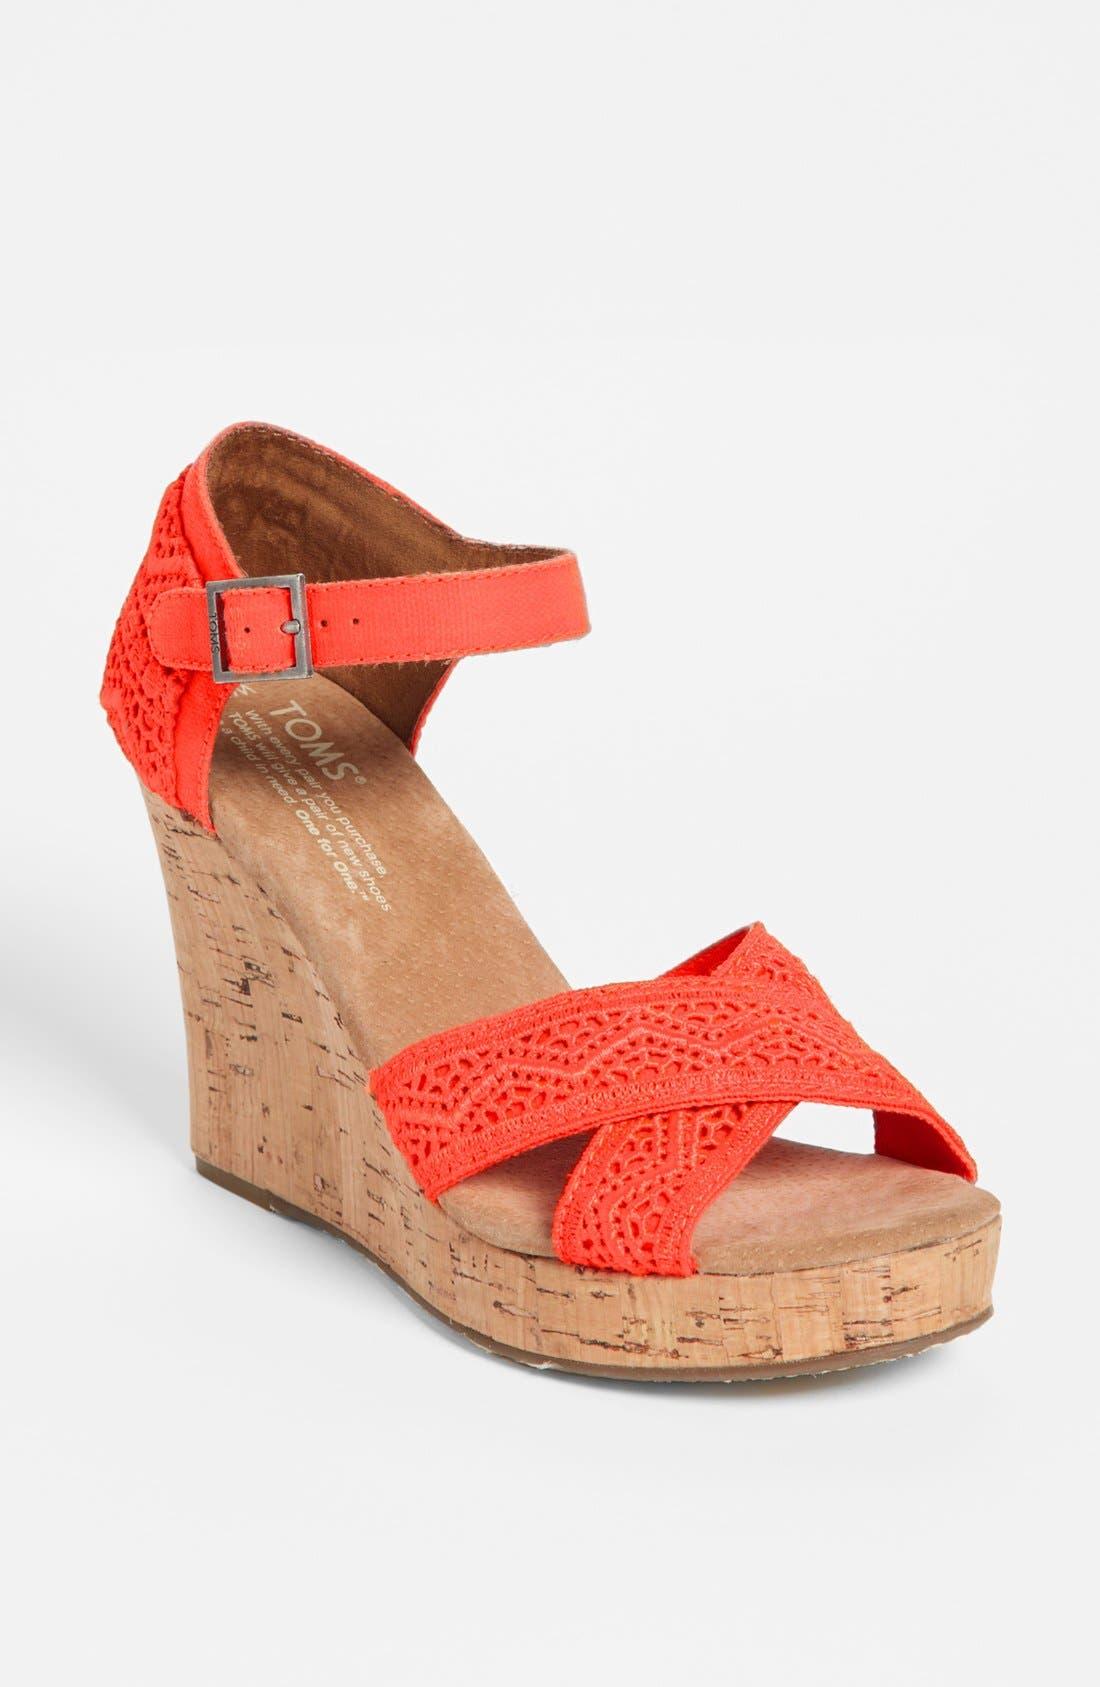 Main Image - TOMS Crochet Wedge Sandal